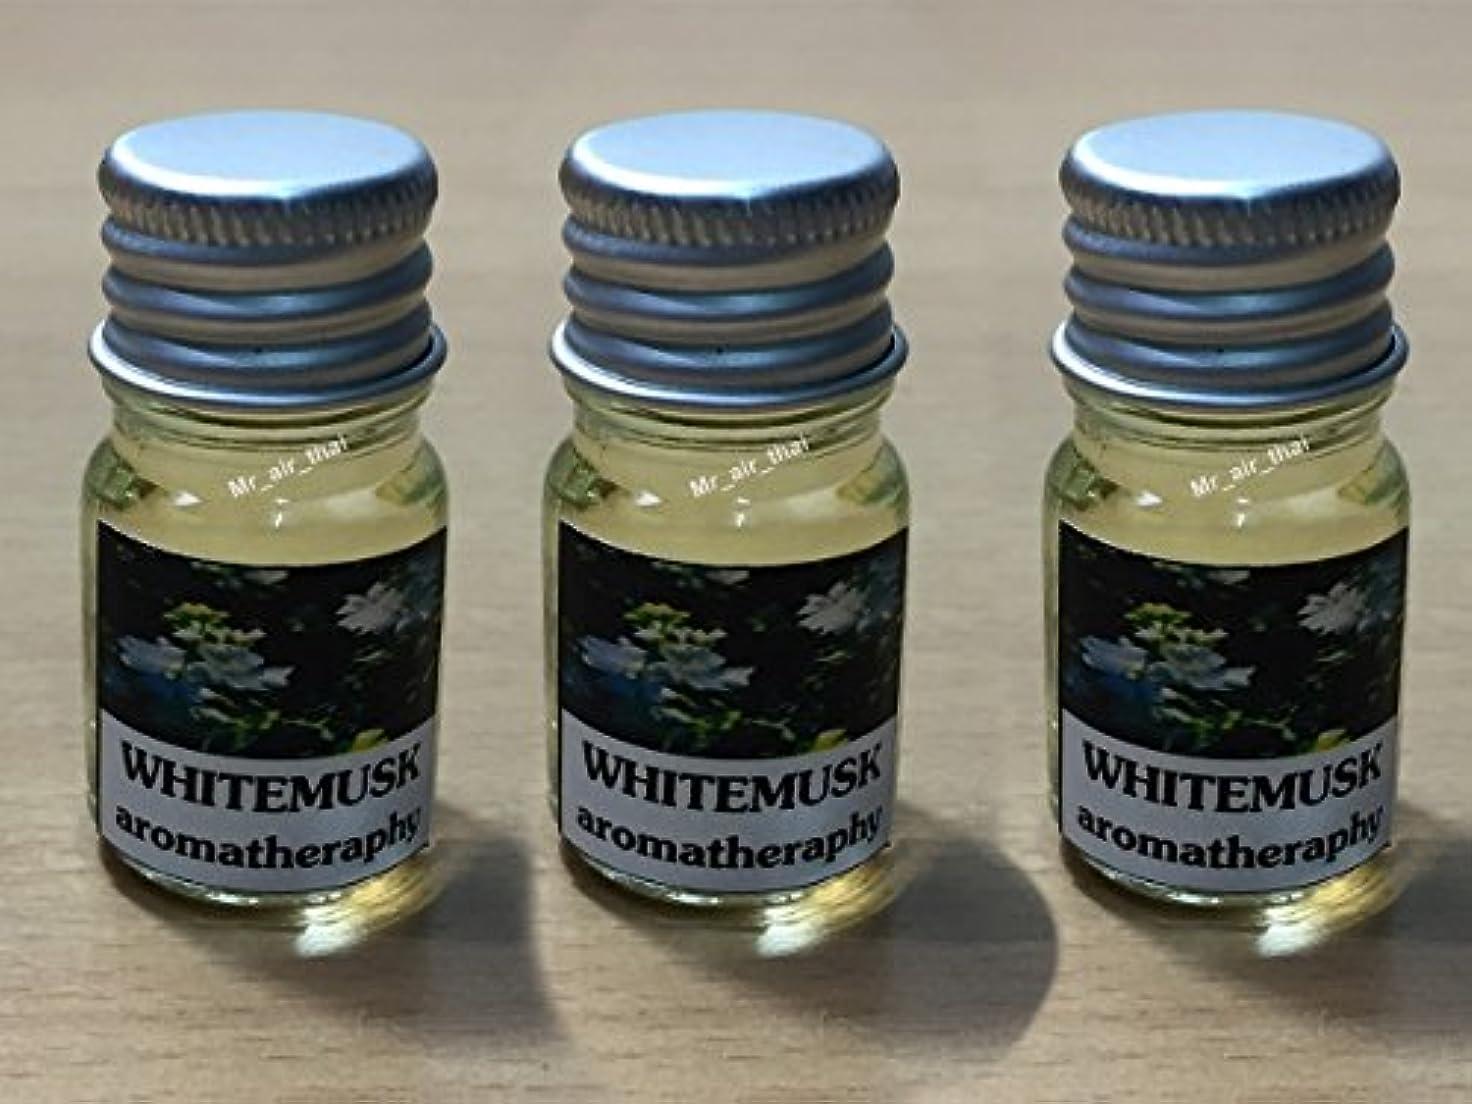 ガードエスニックソブリケット3個セット,5ミリリットルアロマホワイトムスクフランクインセンスエッセンシャルオイルボトルアロマテラピーオイル自然自然 3PC 5ml Aroma Whitemusk Frankincense Essential Oil...